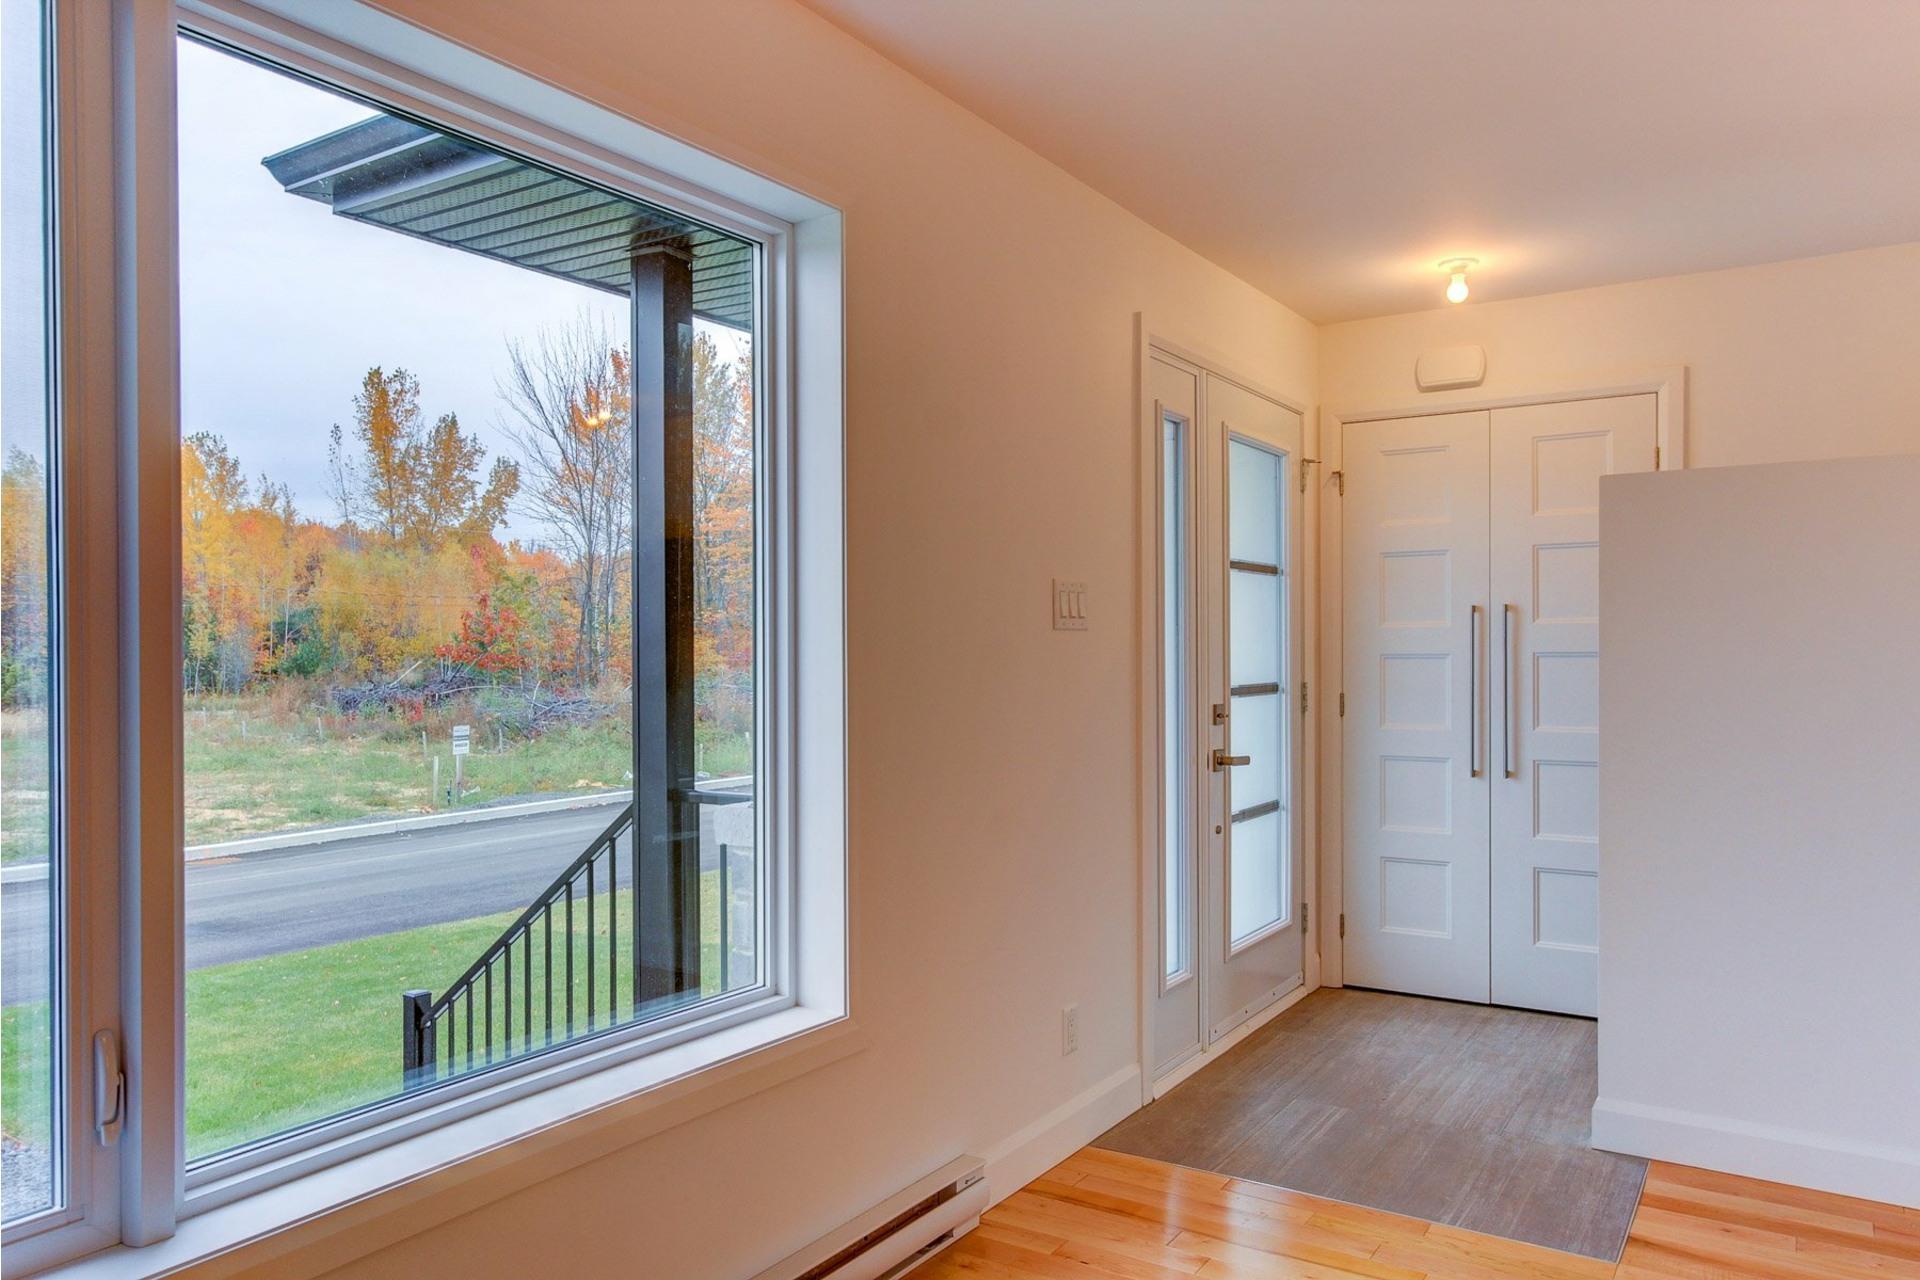 image 3 - Maison À vendre Trois-Rivières - 12 pièces